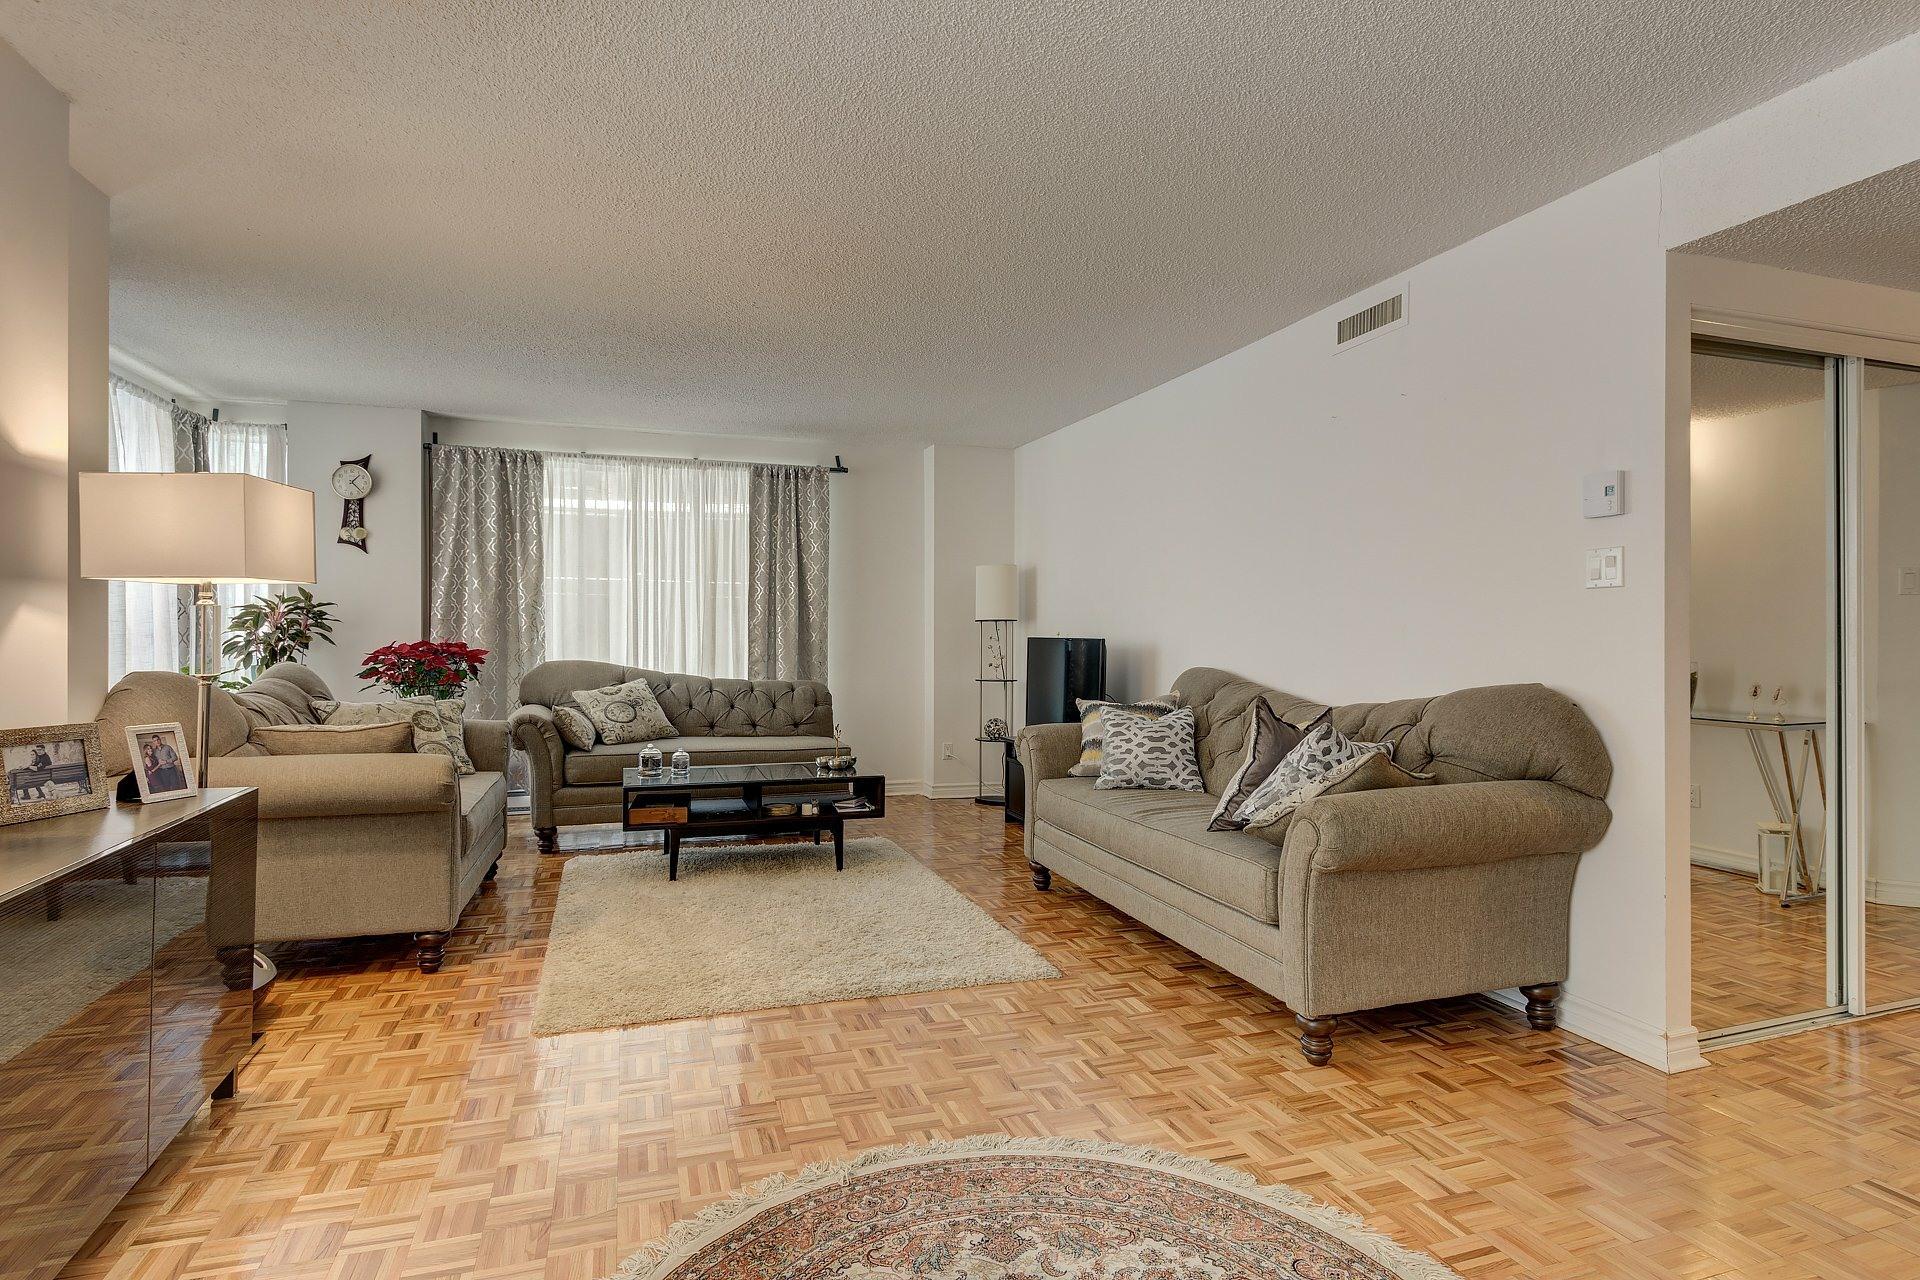 image 3 - Appartement À vendre Montréal Ville-Marie  - 4 pièces